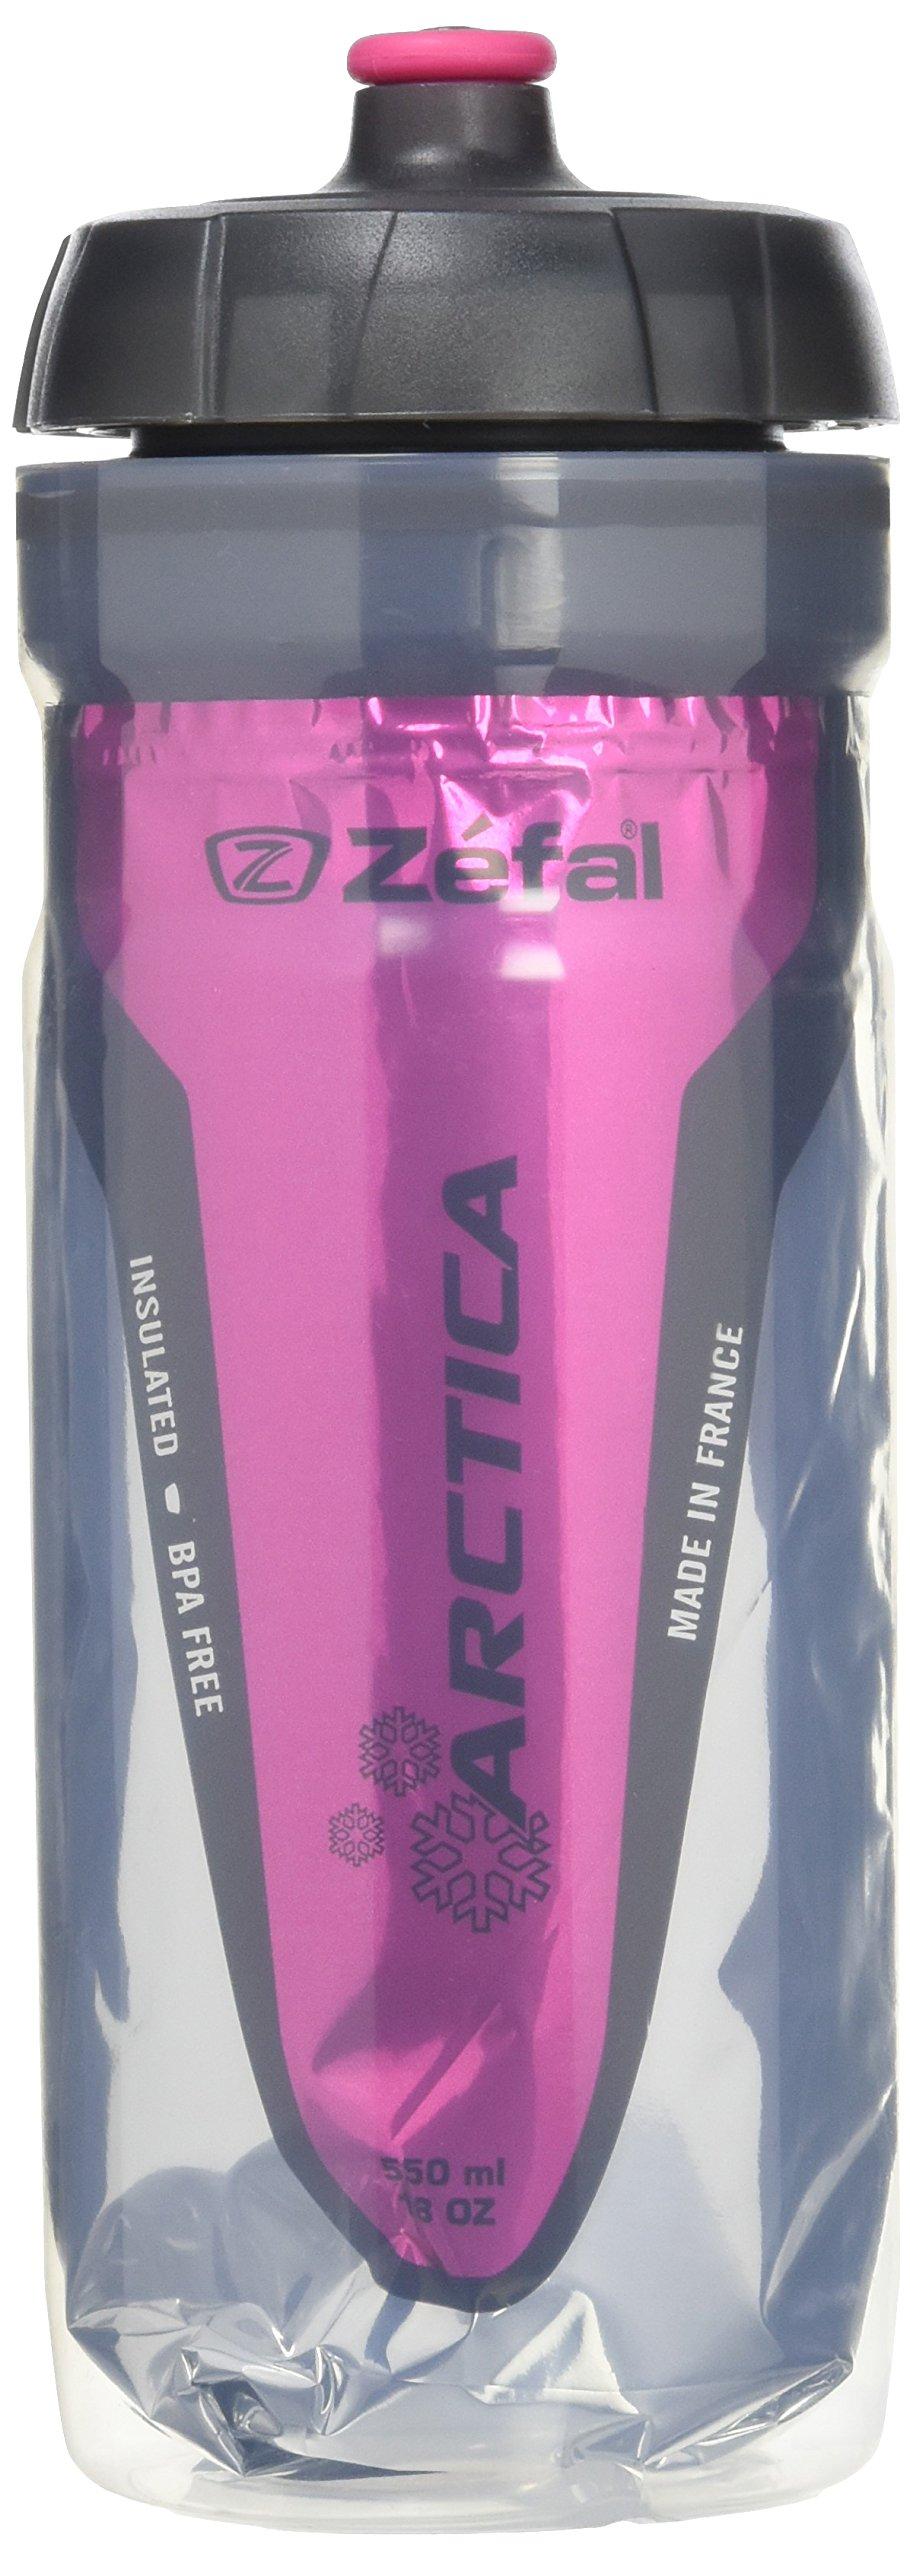 ZEFAL Arctica 55 Bidón, Unisex Adulto, Rosa, 550 ml: Amazon.es ...